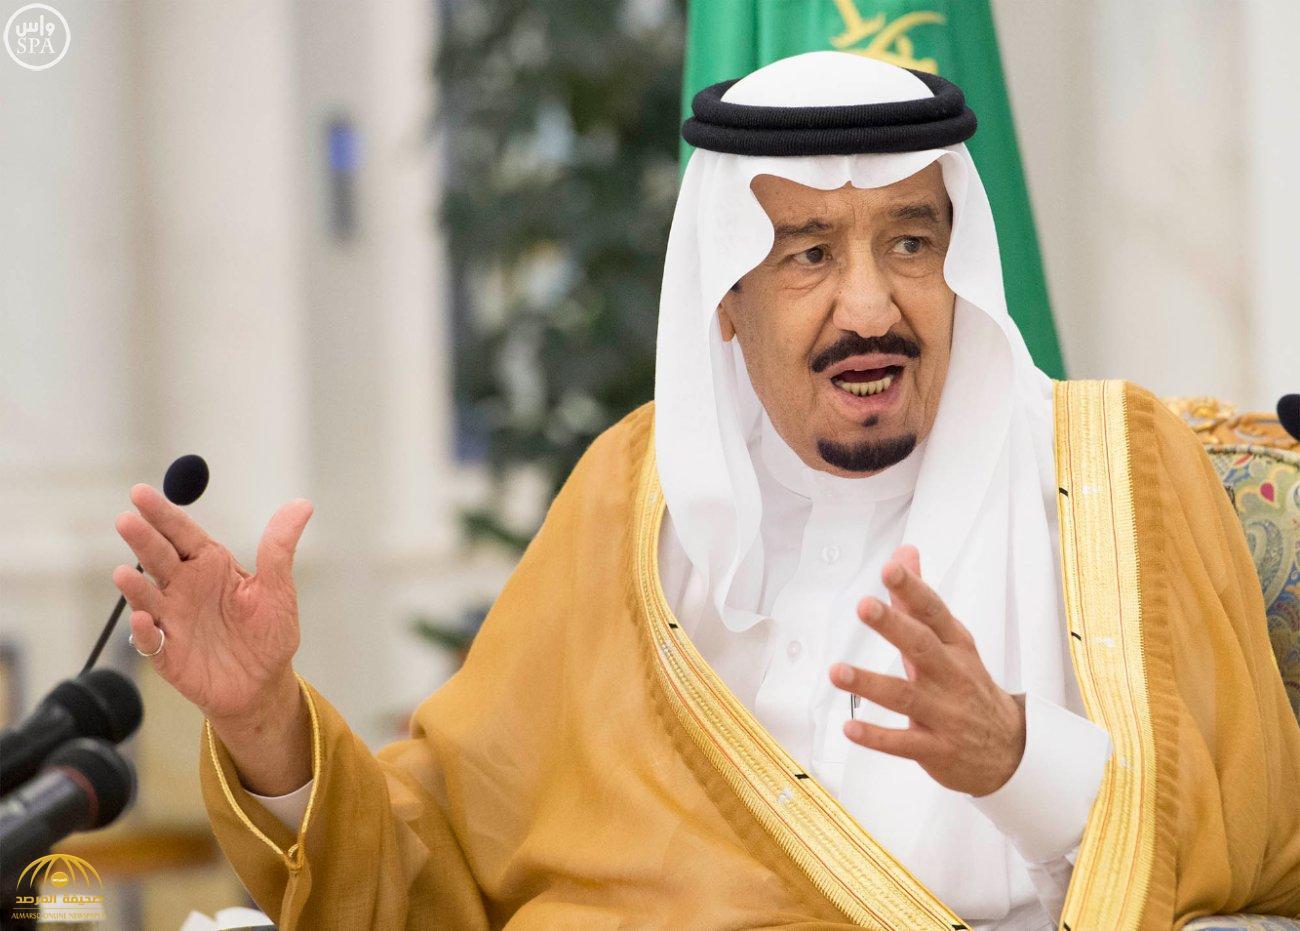 مسؤول سعودي يكشف ما يفعله الملك سلمان كل يوم قبل نومه